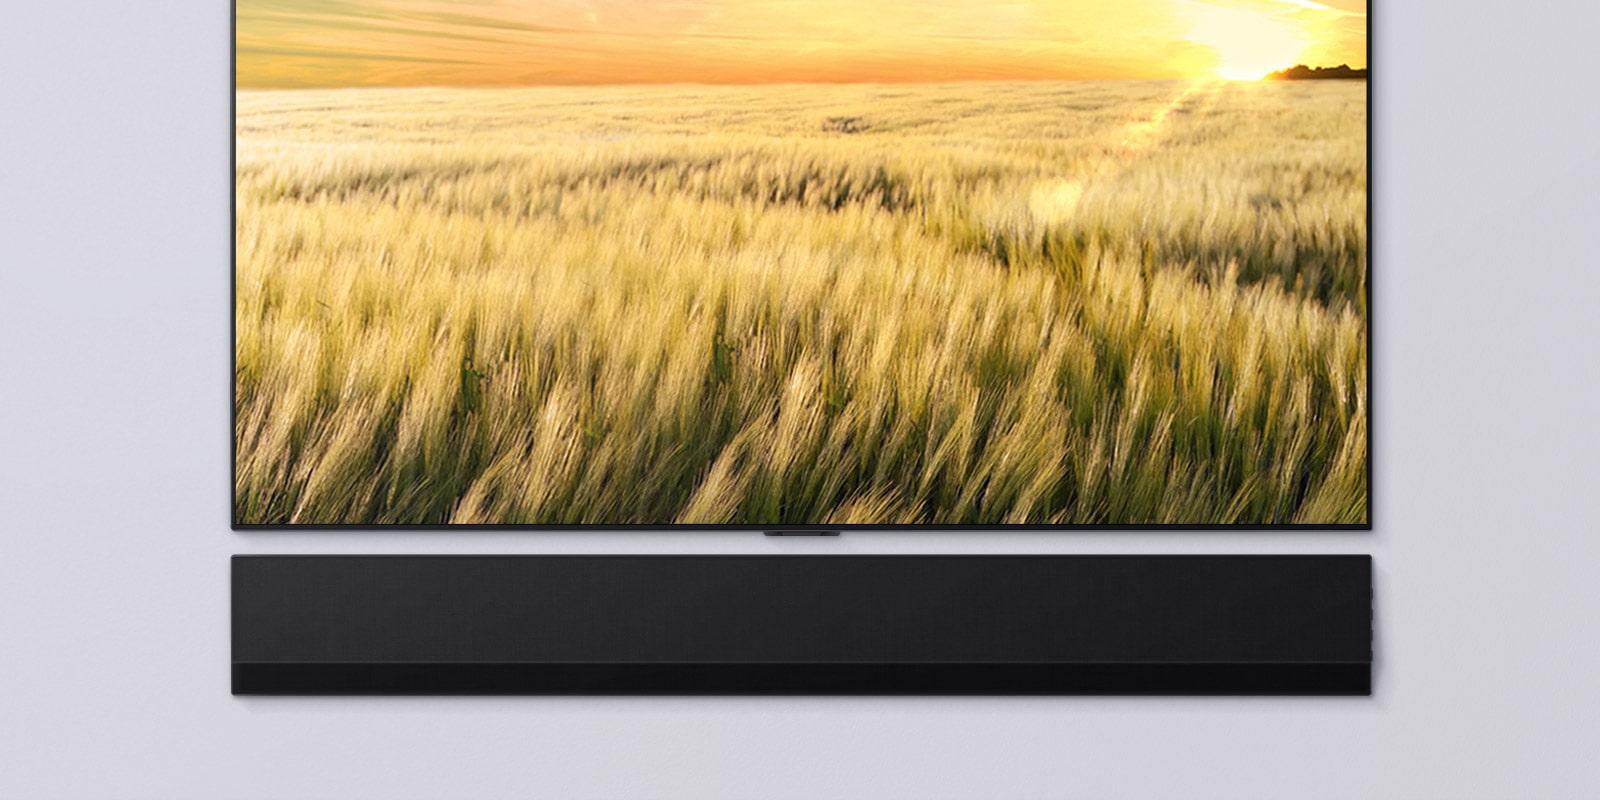 Frontansicht eines Fernsehers und einer Sound Bar. Der Fernseher zeigt ein Schilffeld bei Sonnenuntergang.